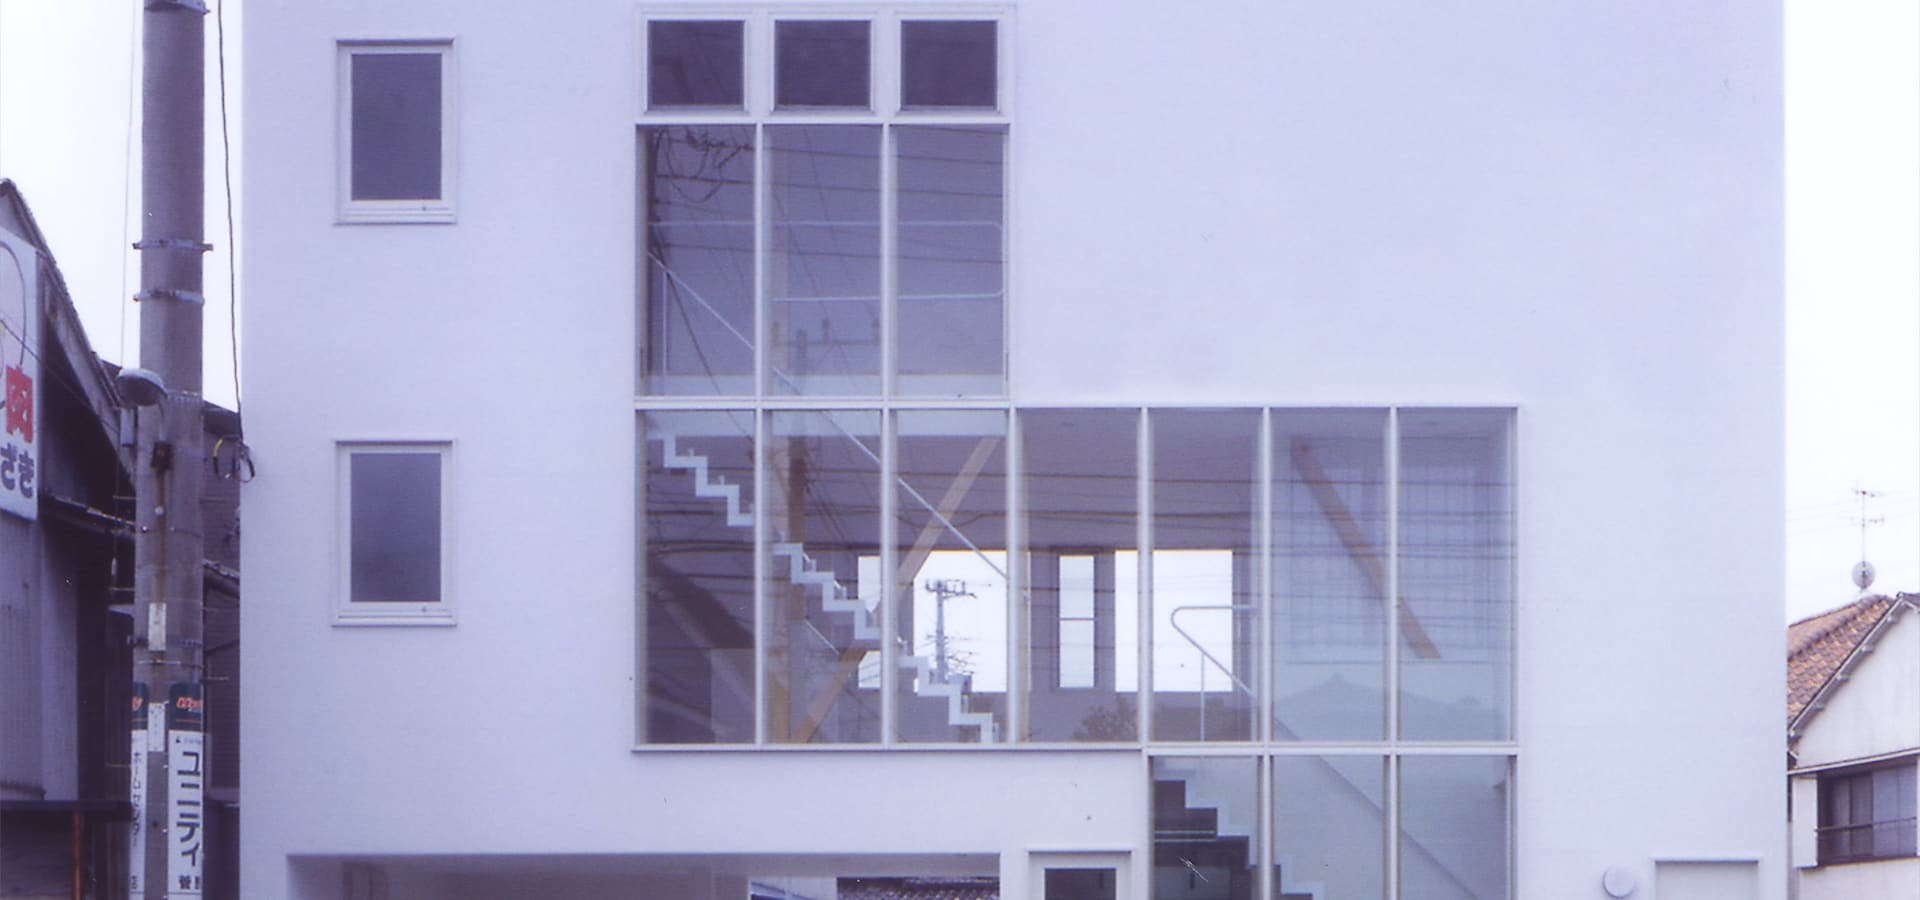 有限会社古里設計一級建築士事務所